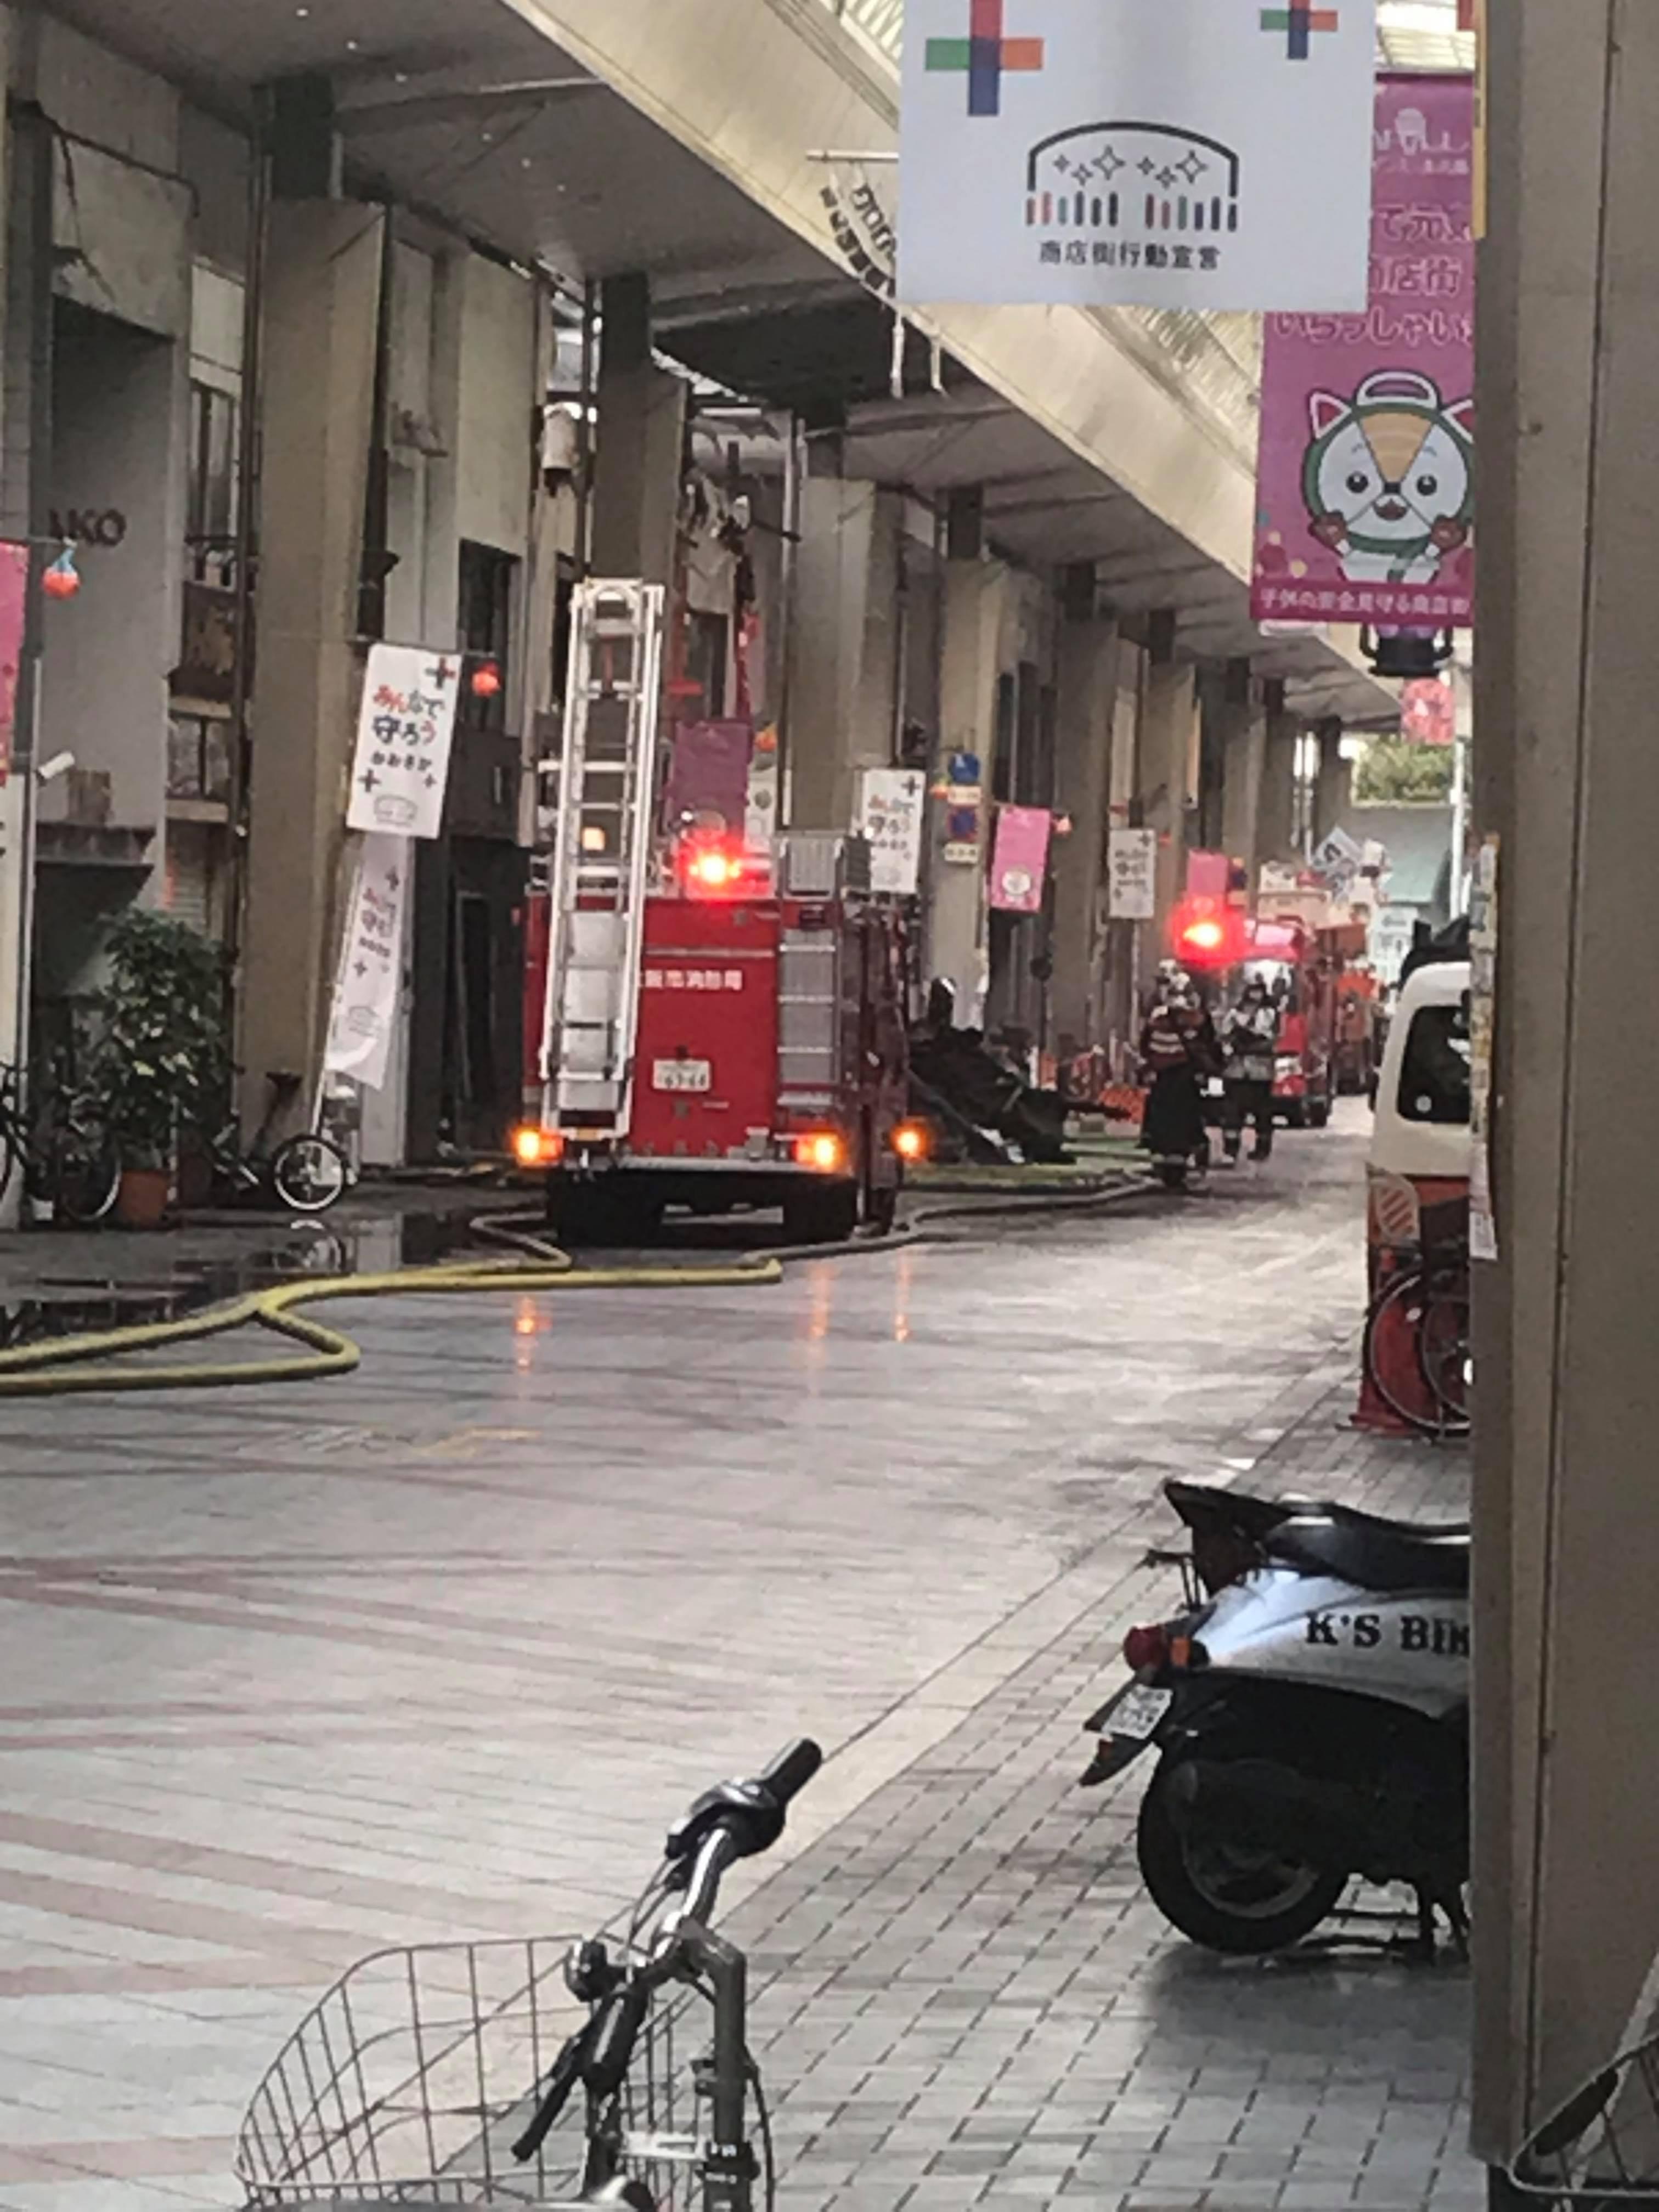 大阪市西区九条商店街10/09災害復興支援金のイメージその3